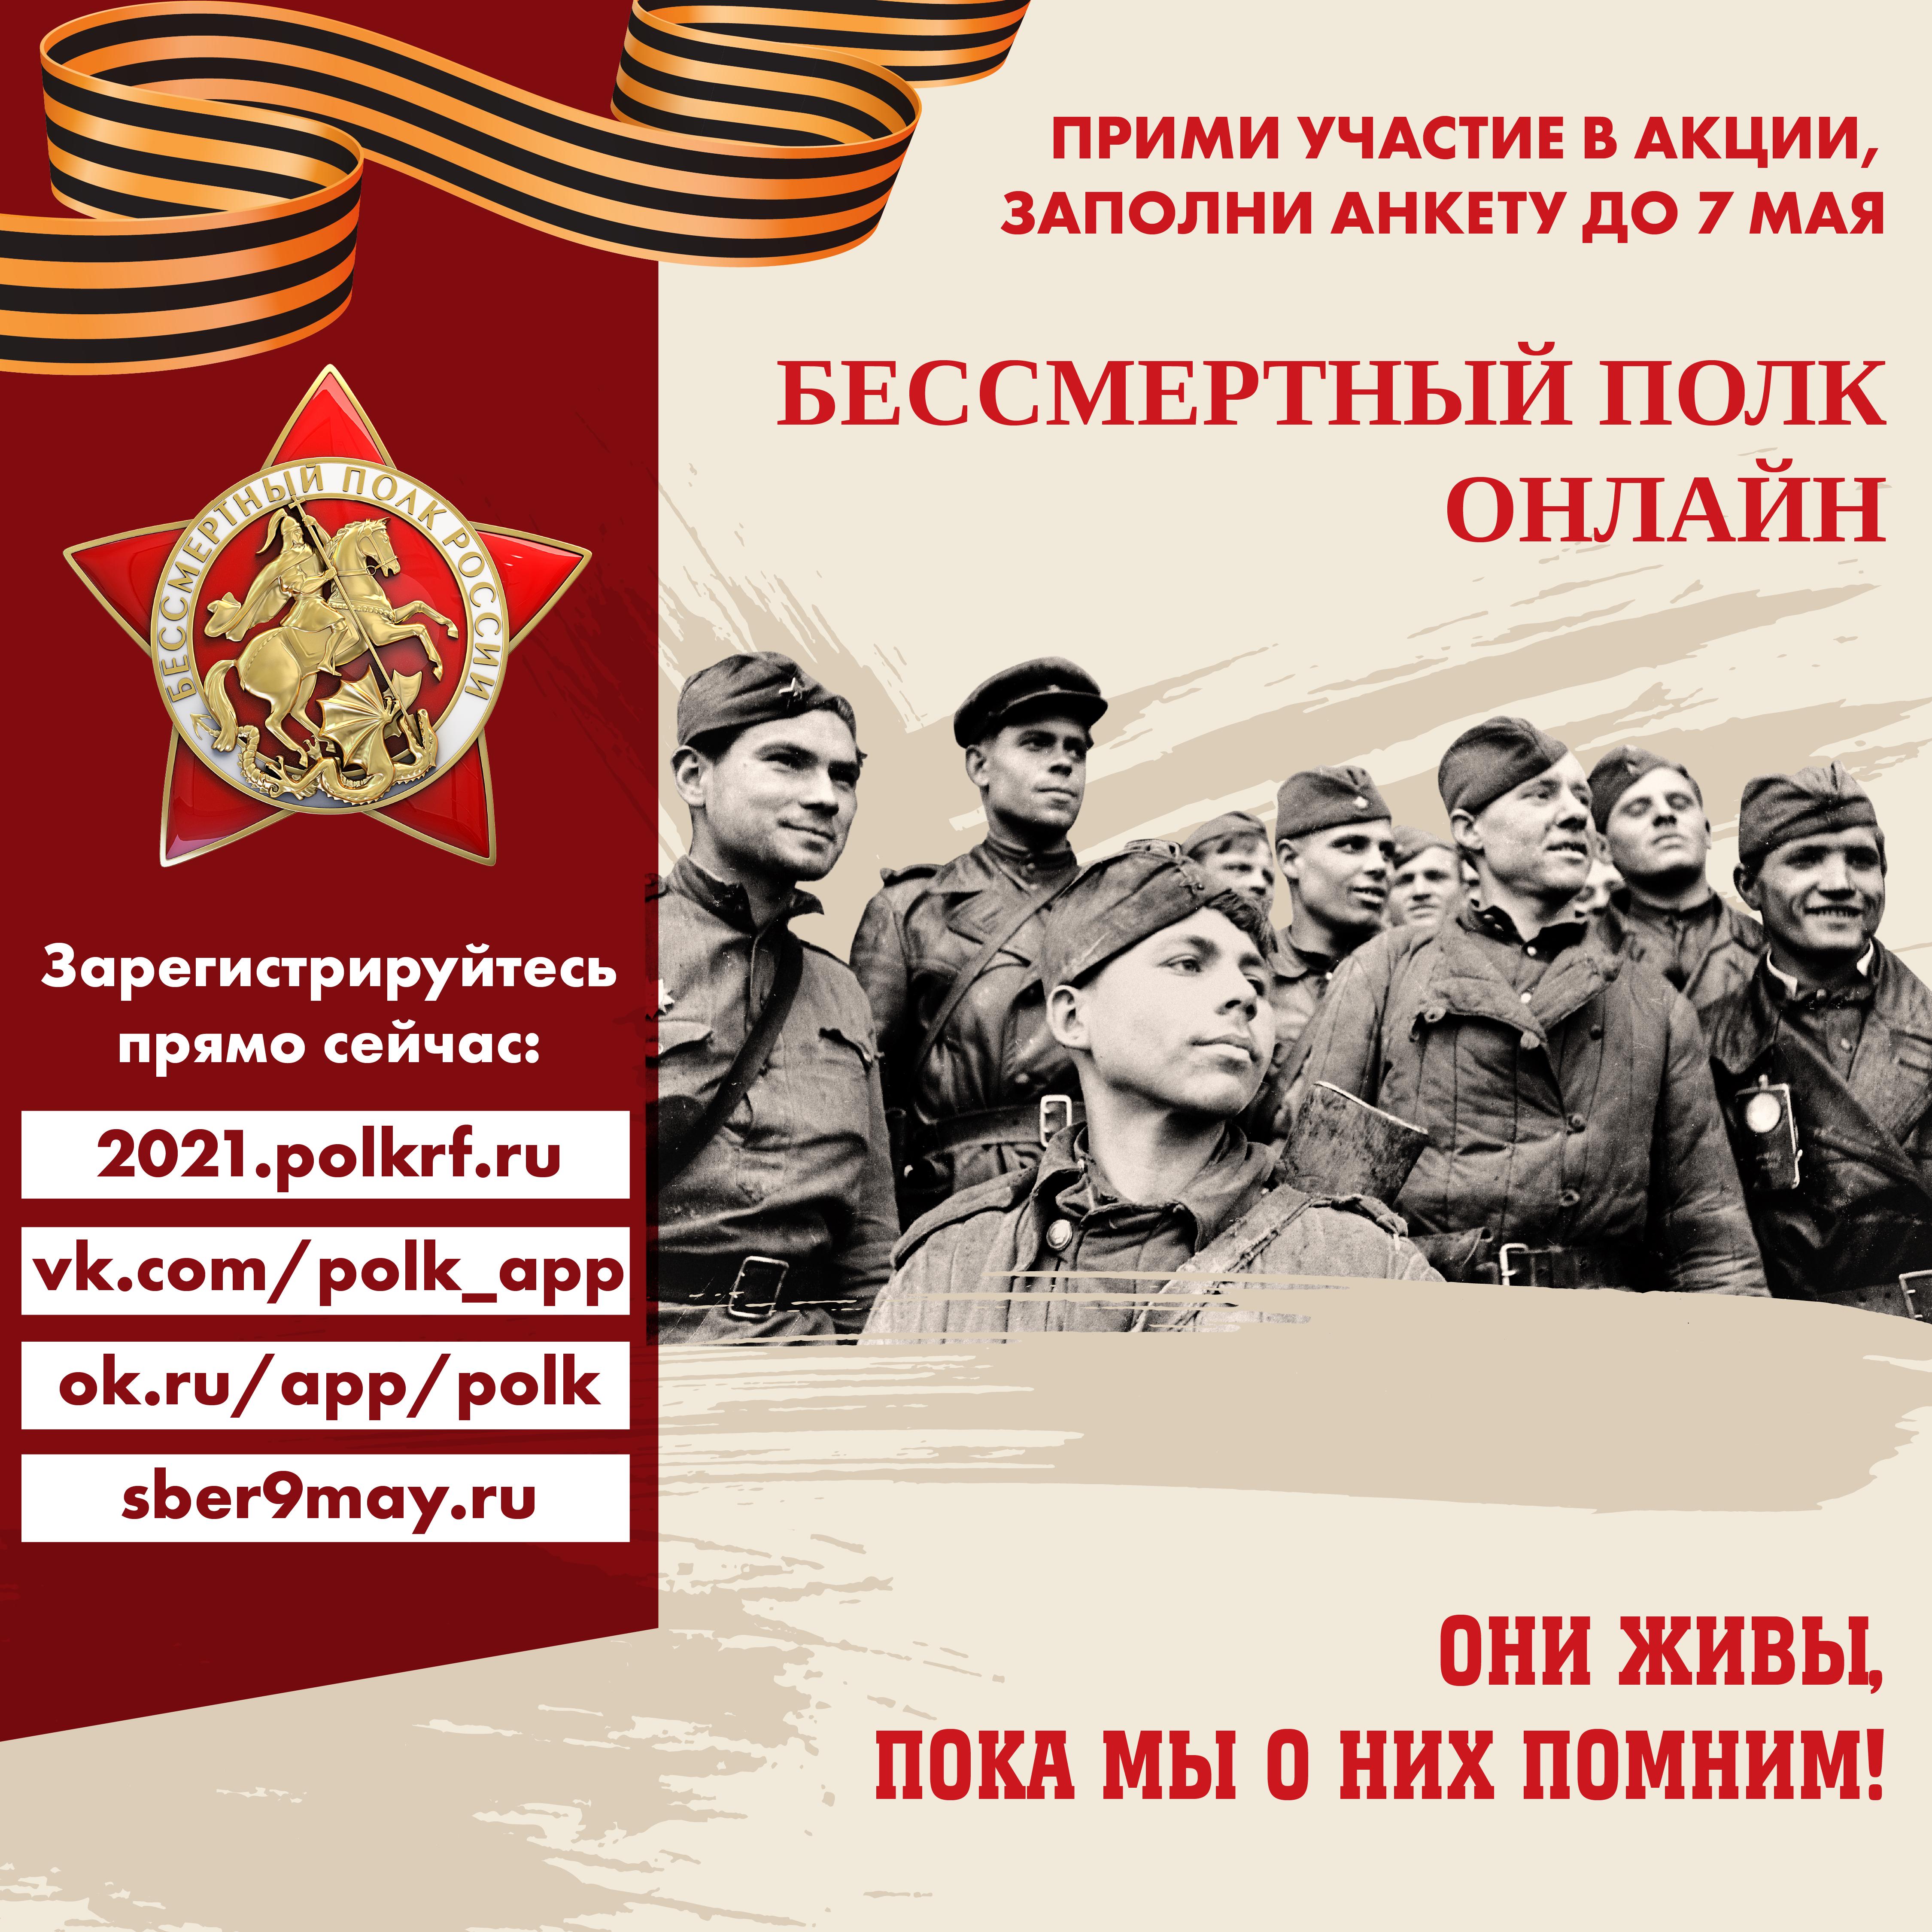 Бессмертный полк 2021 г.